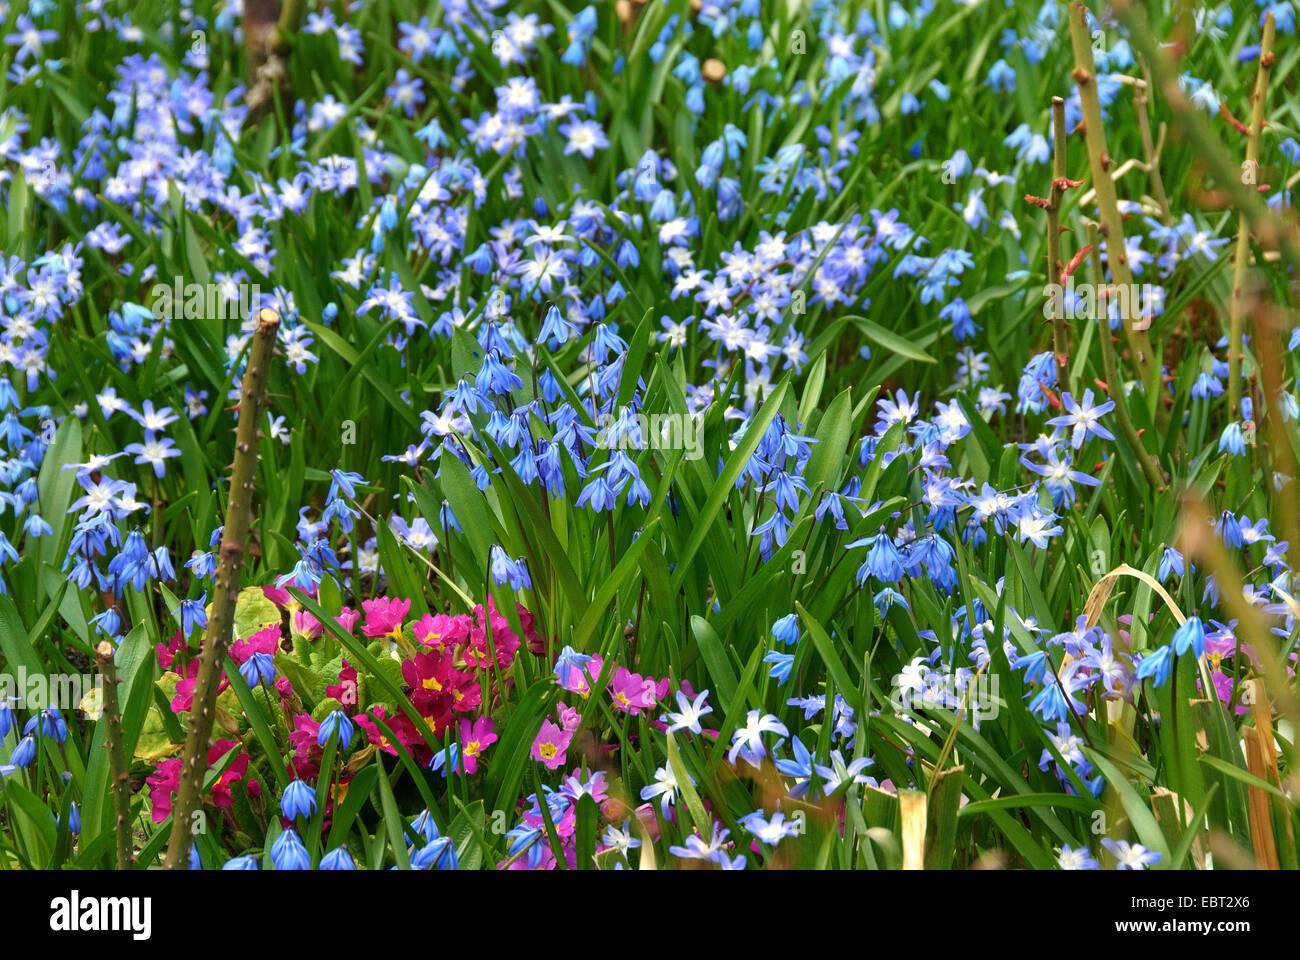 Siberian scilla, Siberian squill (Scilla siberica (falsch: Scilla sibirica)), in a flowerbed with Chionodoxa luciliae - Stock Image